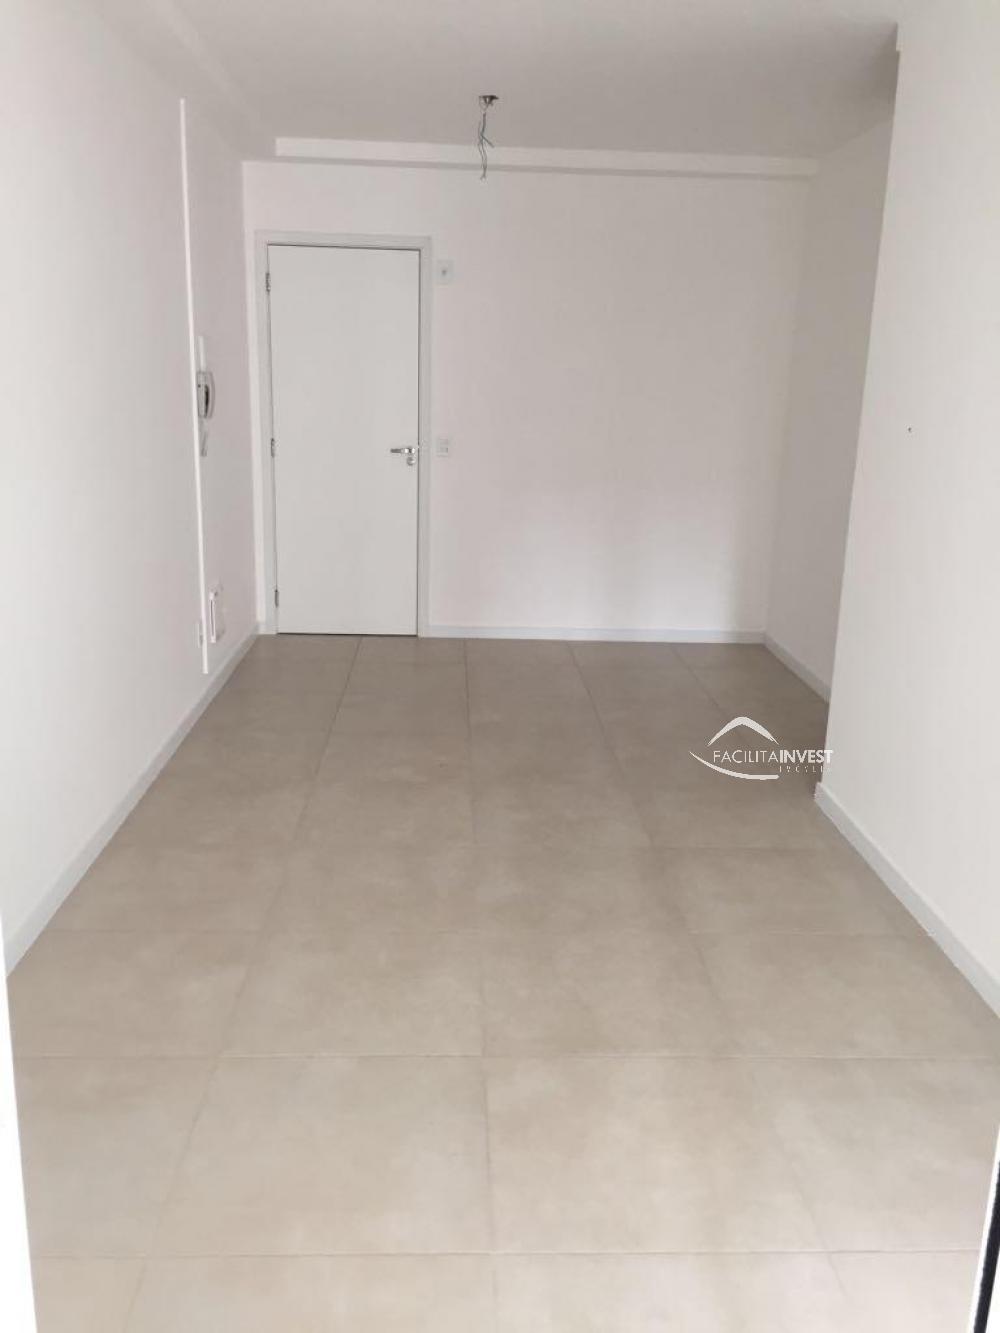 Alugar Apartamentos / Apart. Padrão em Ribeirão Preto R$ 1.900,00 - Foto 1